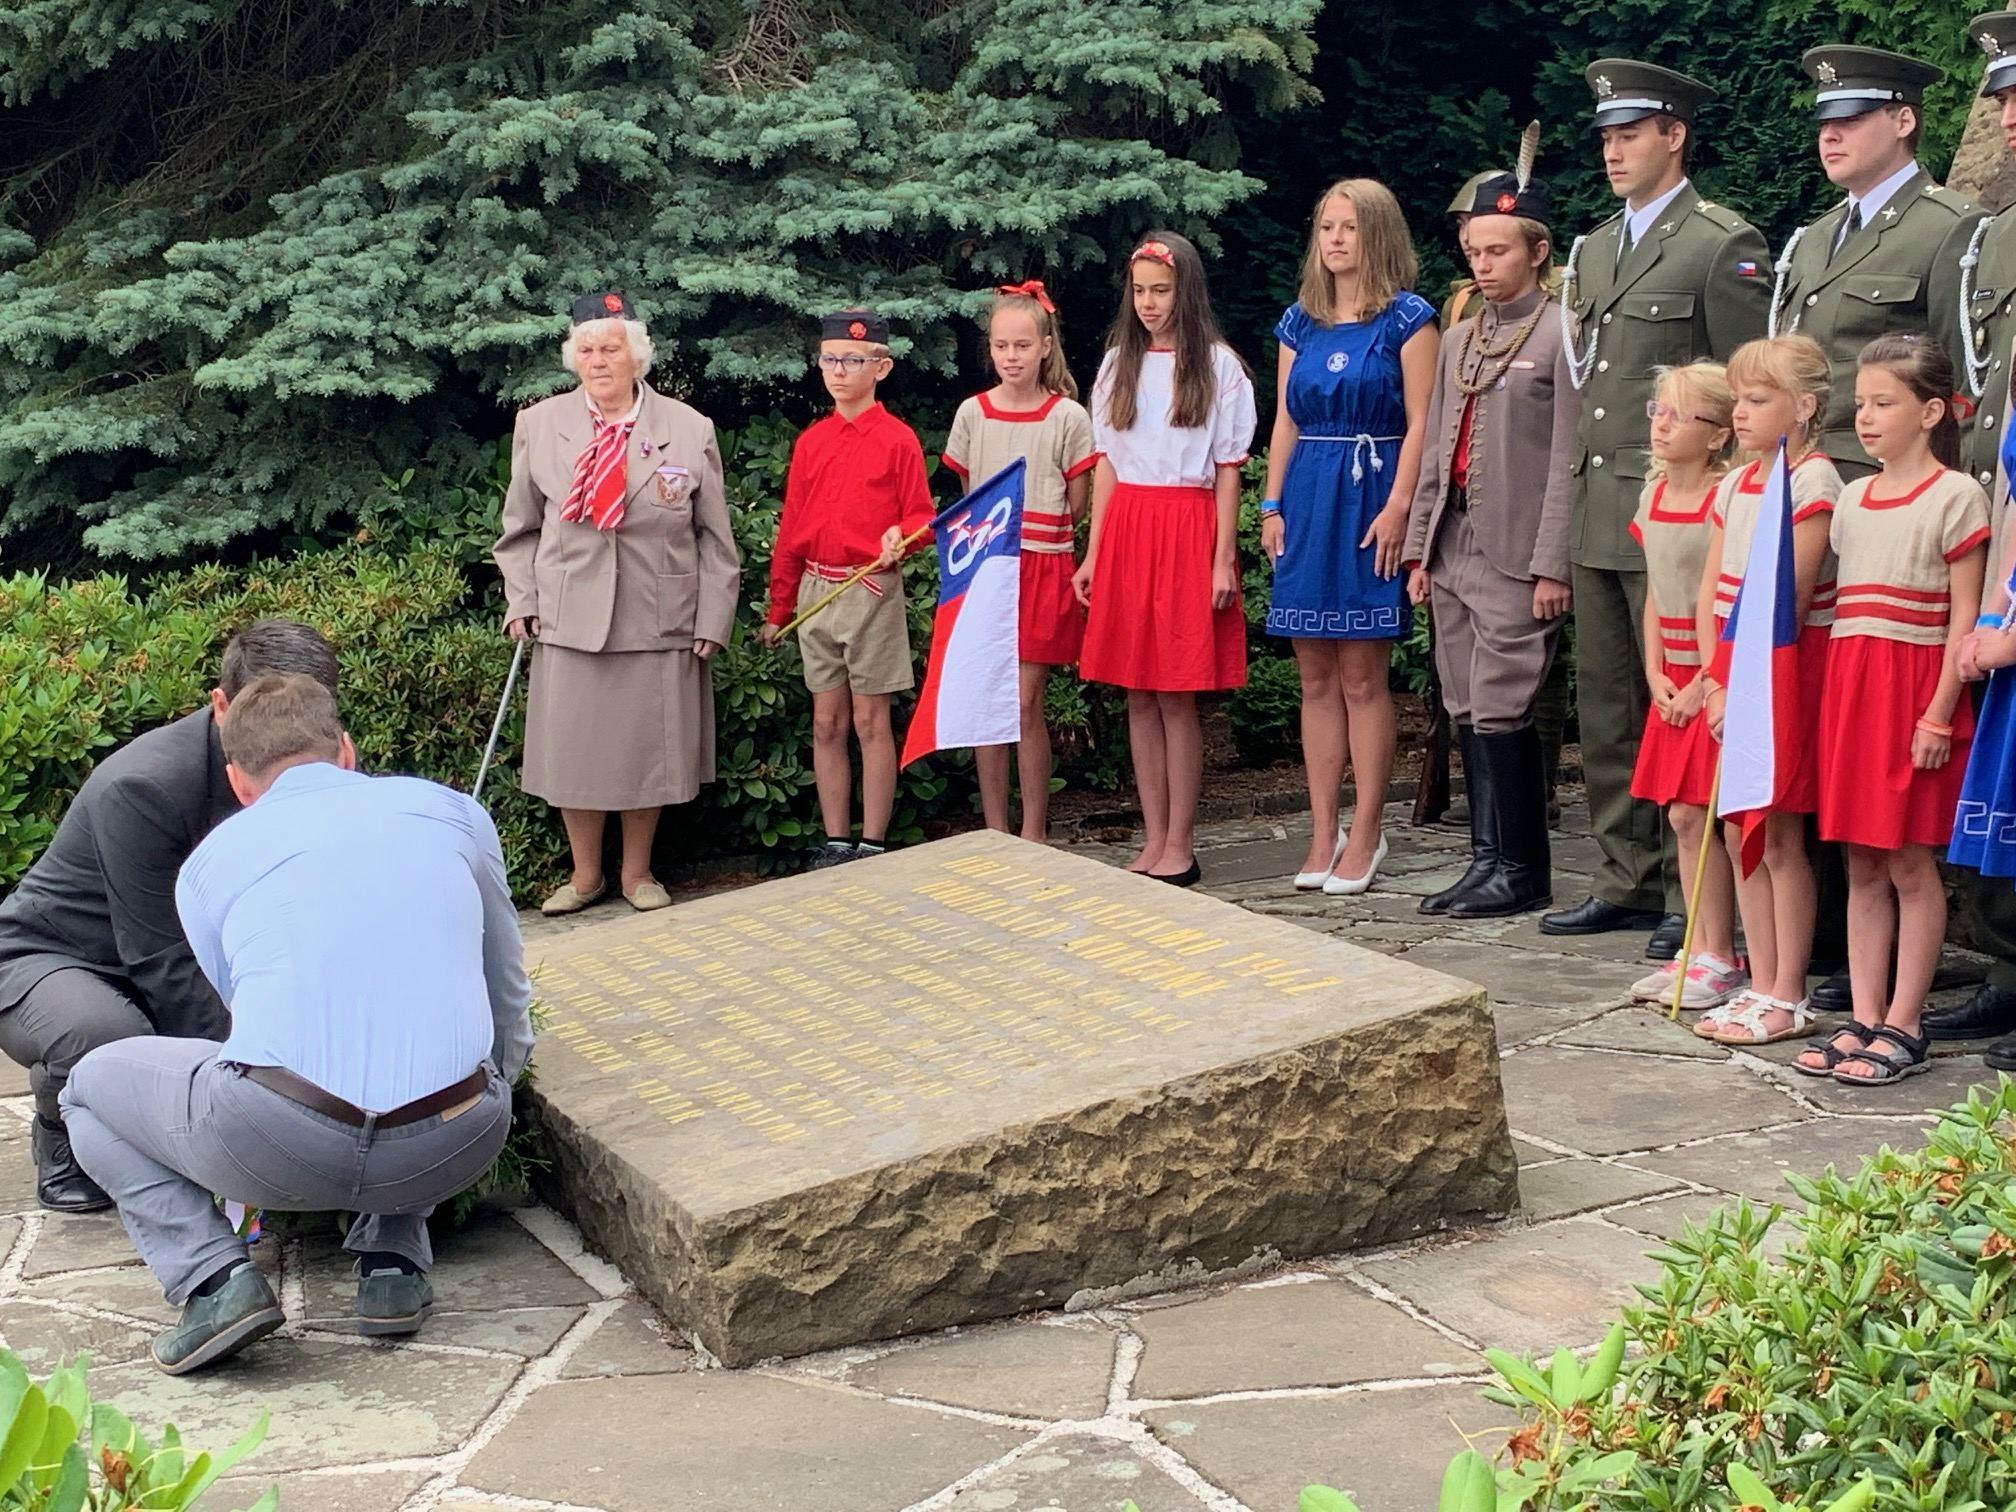 U Červeného Kostelce na Náchodsku se vzpomínalo na některé z obětí nacistického režimu